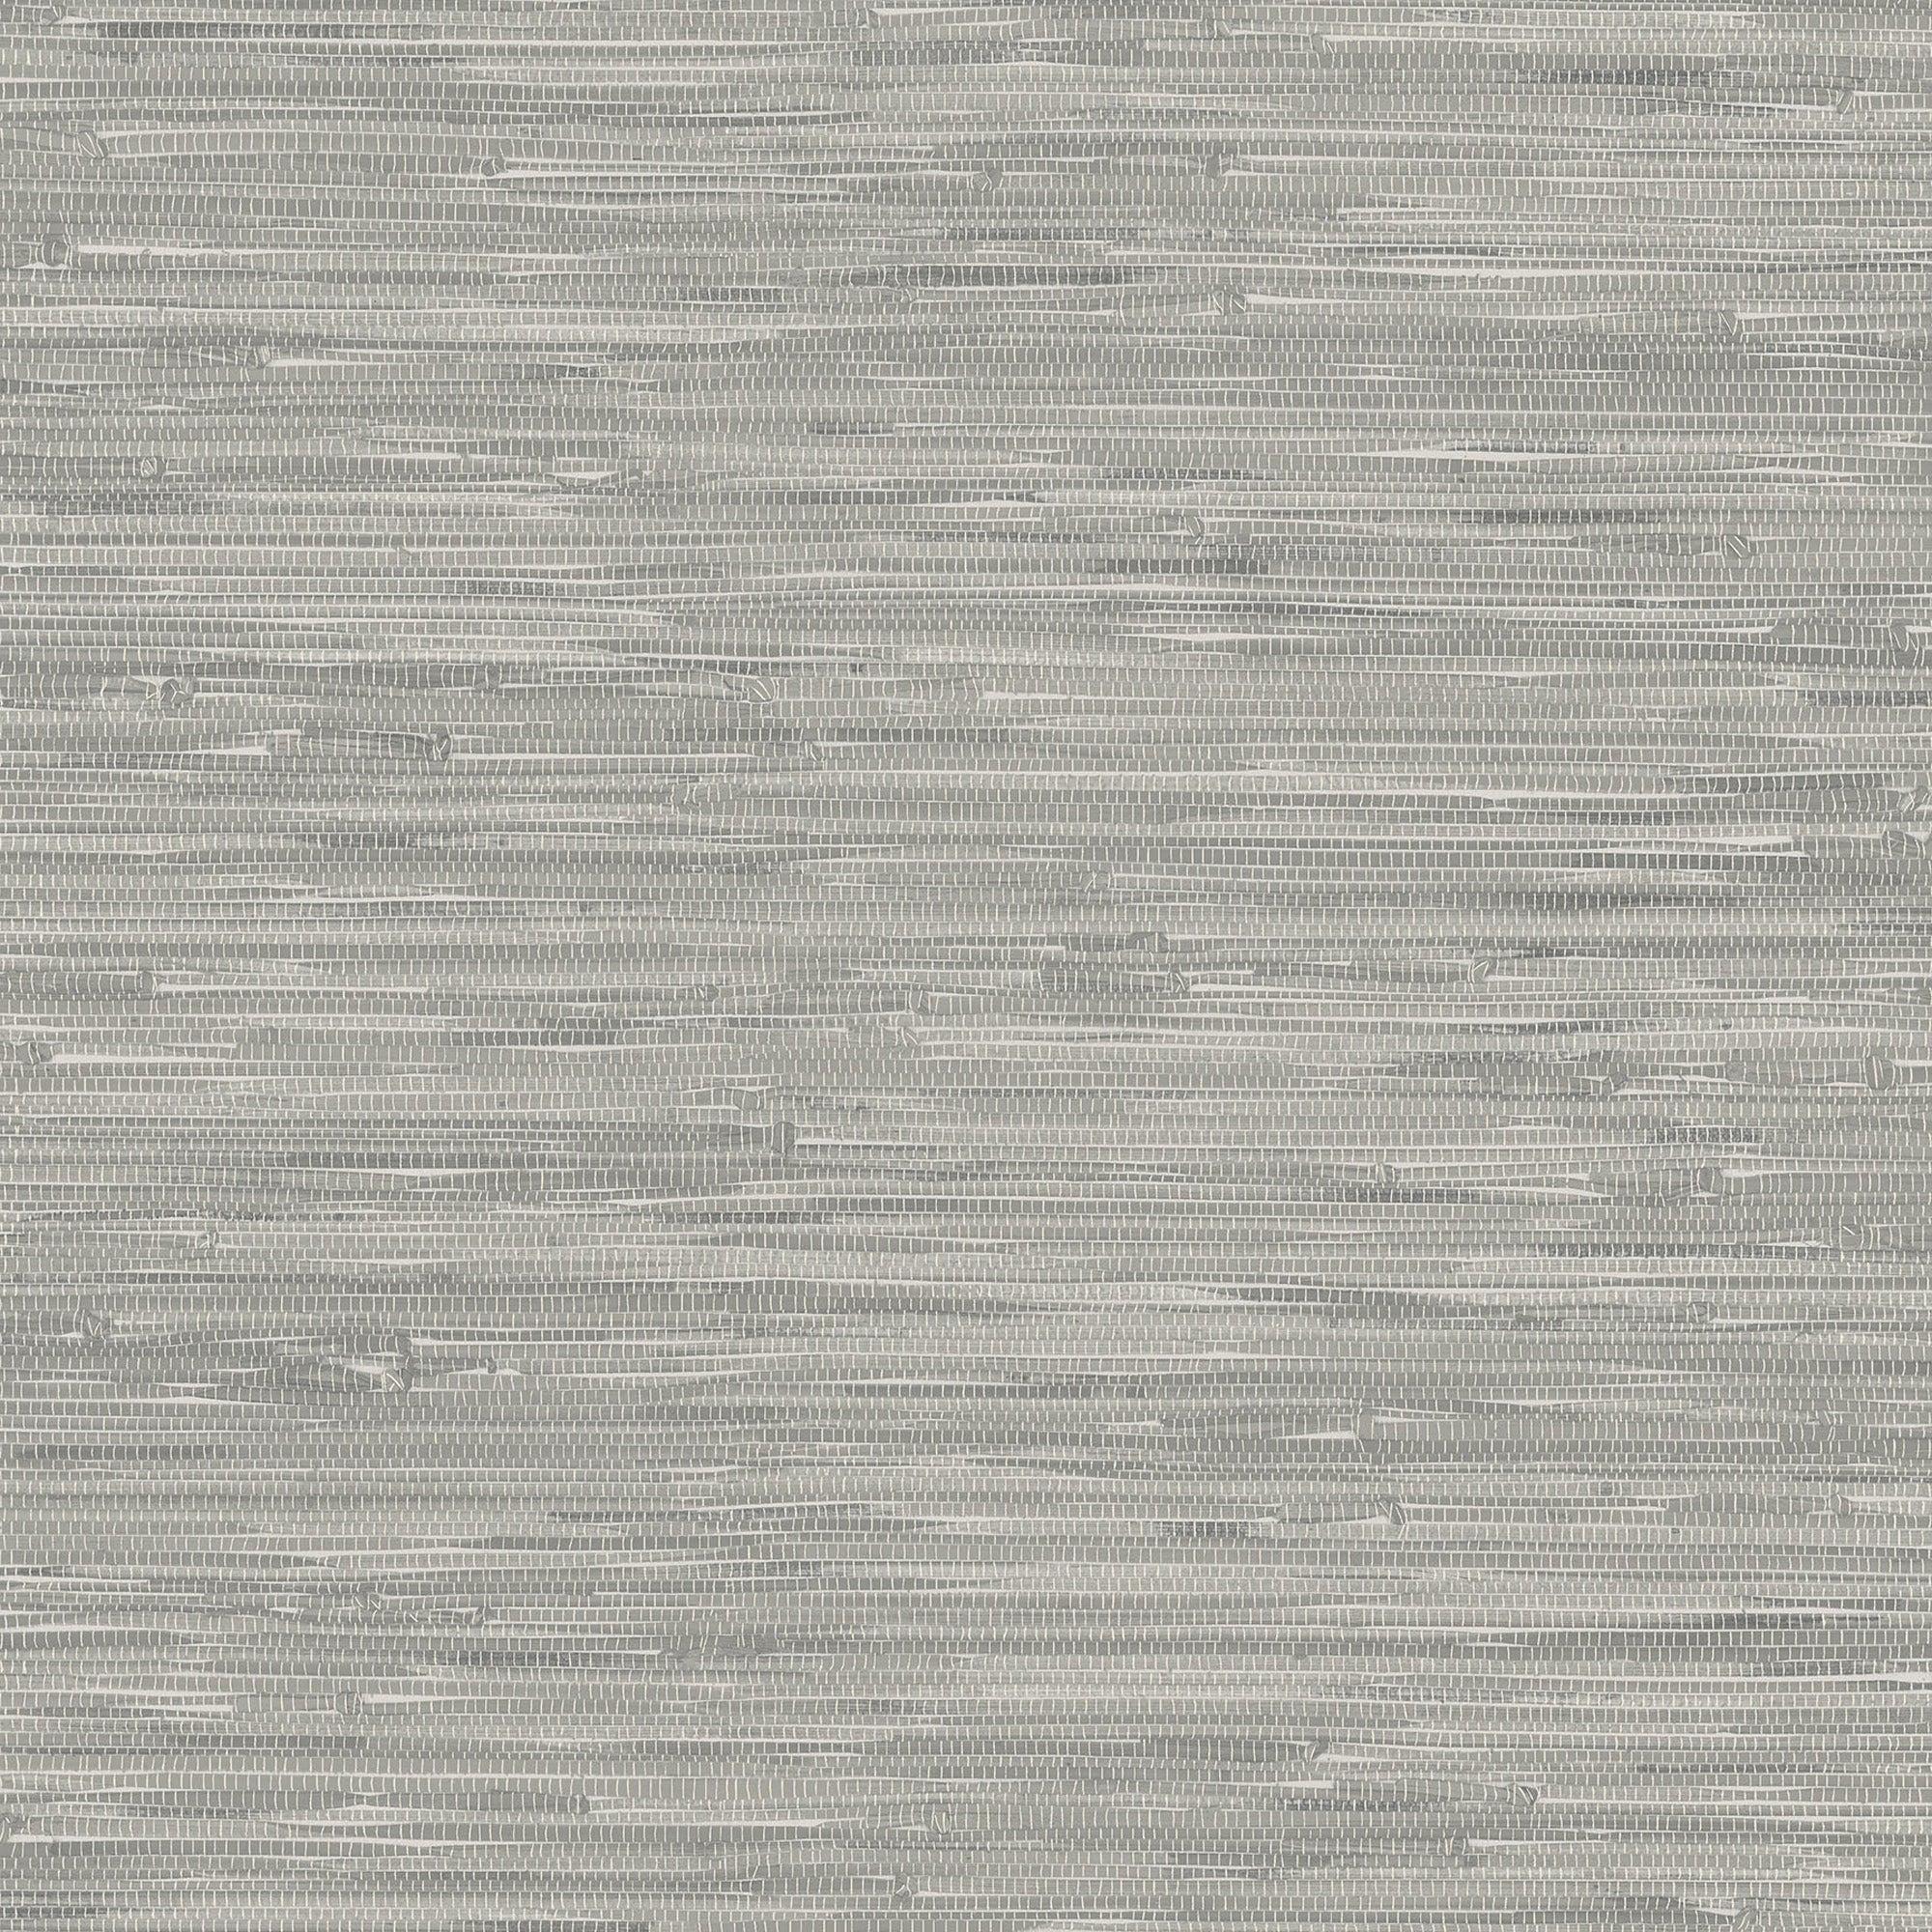 Nuwallpaper Tibetan Grasscloth Grey Self Adhesive Wallpaper Grey